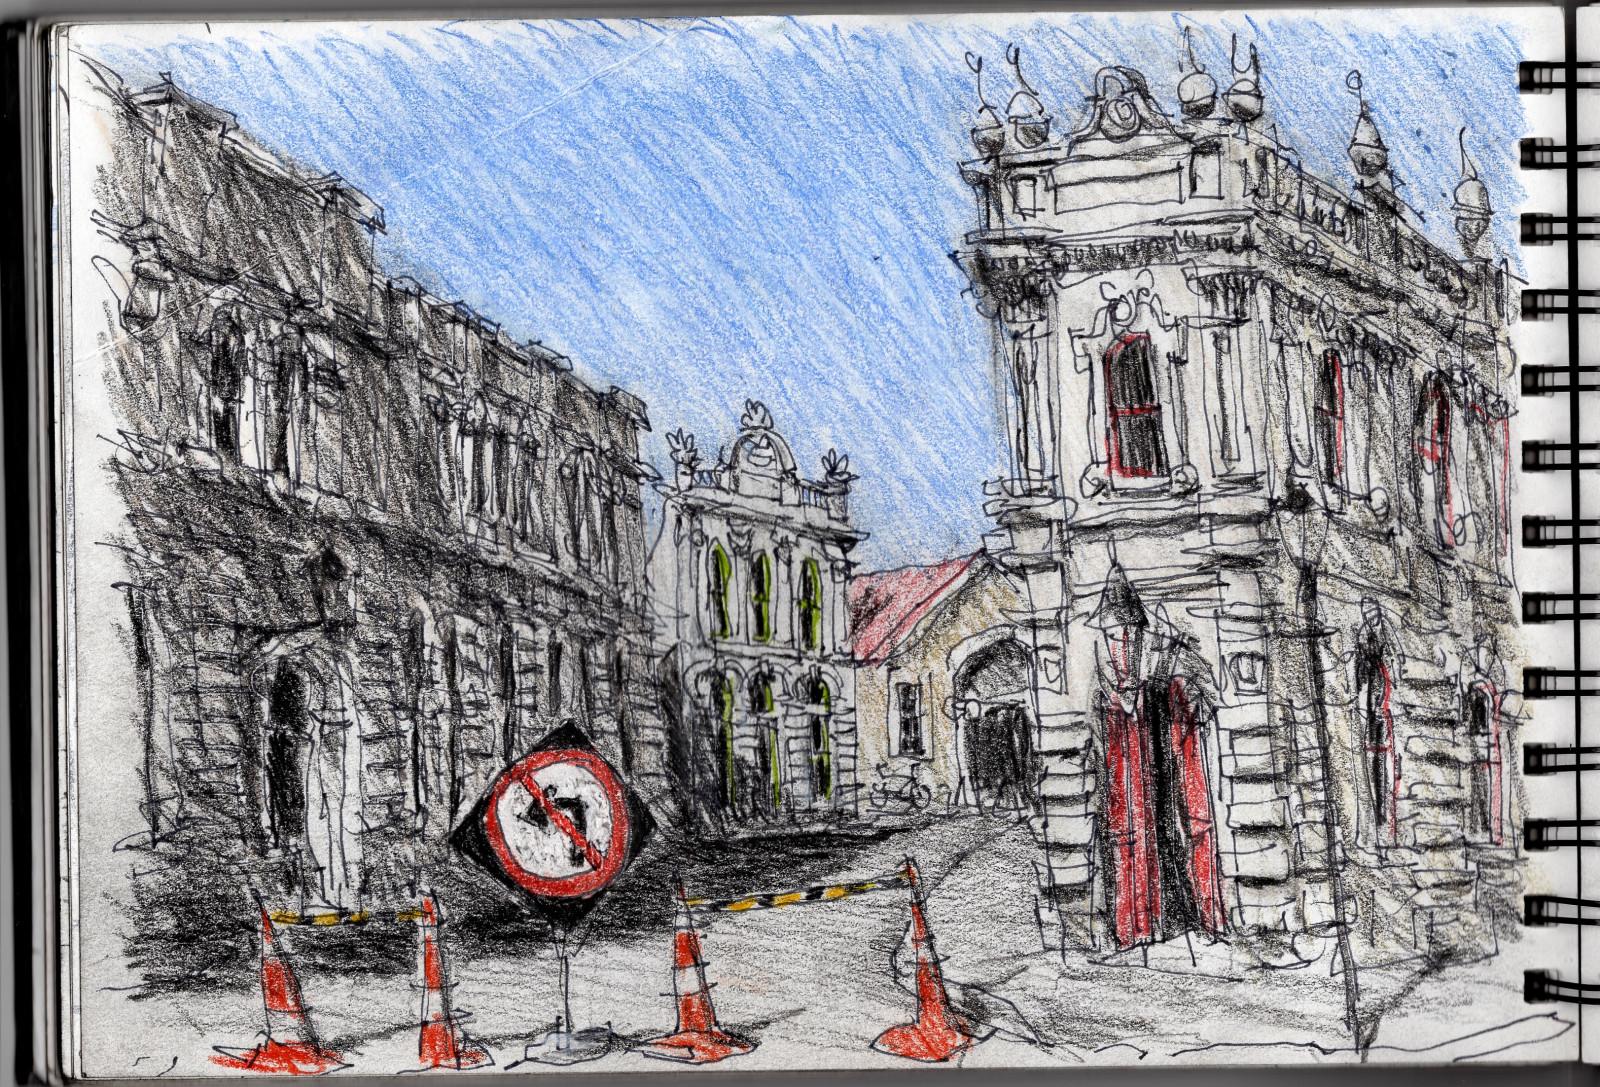 Wallpaper Gambar Jalan Arsitektur Perkotaan Seni Jalanan